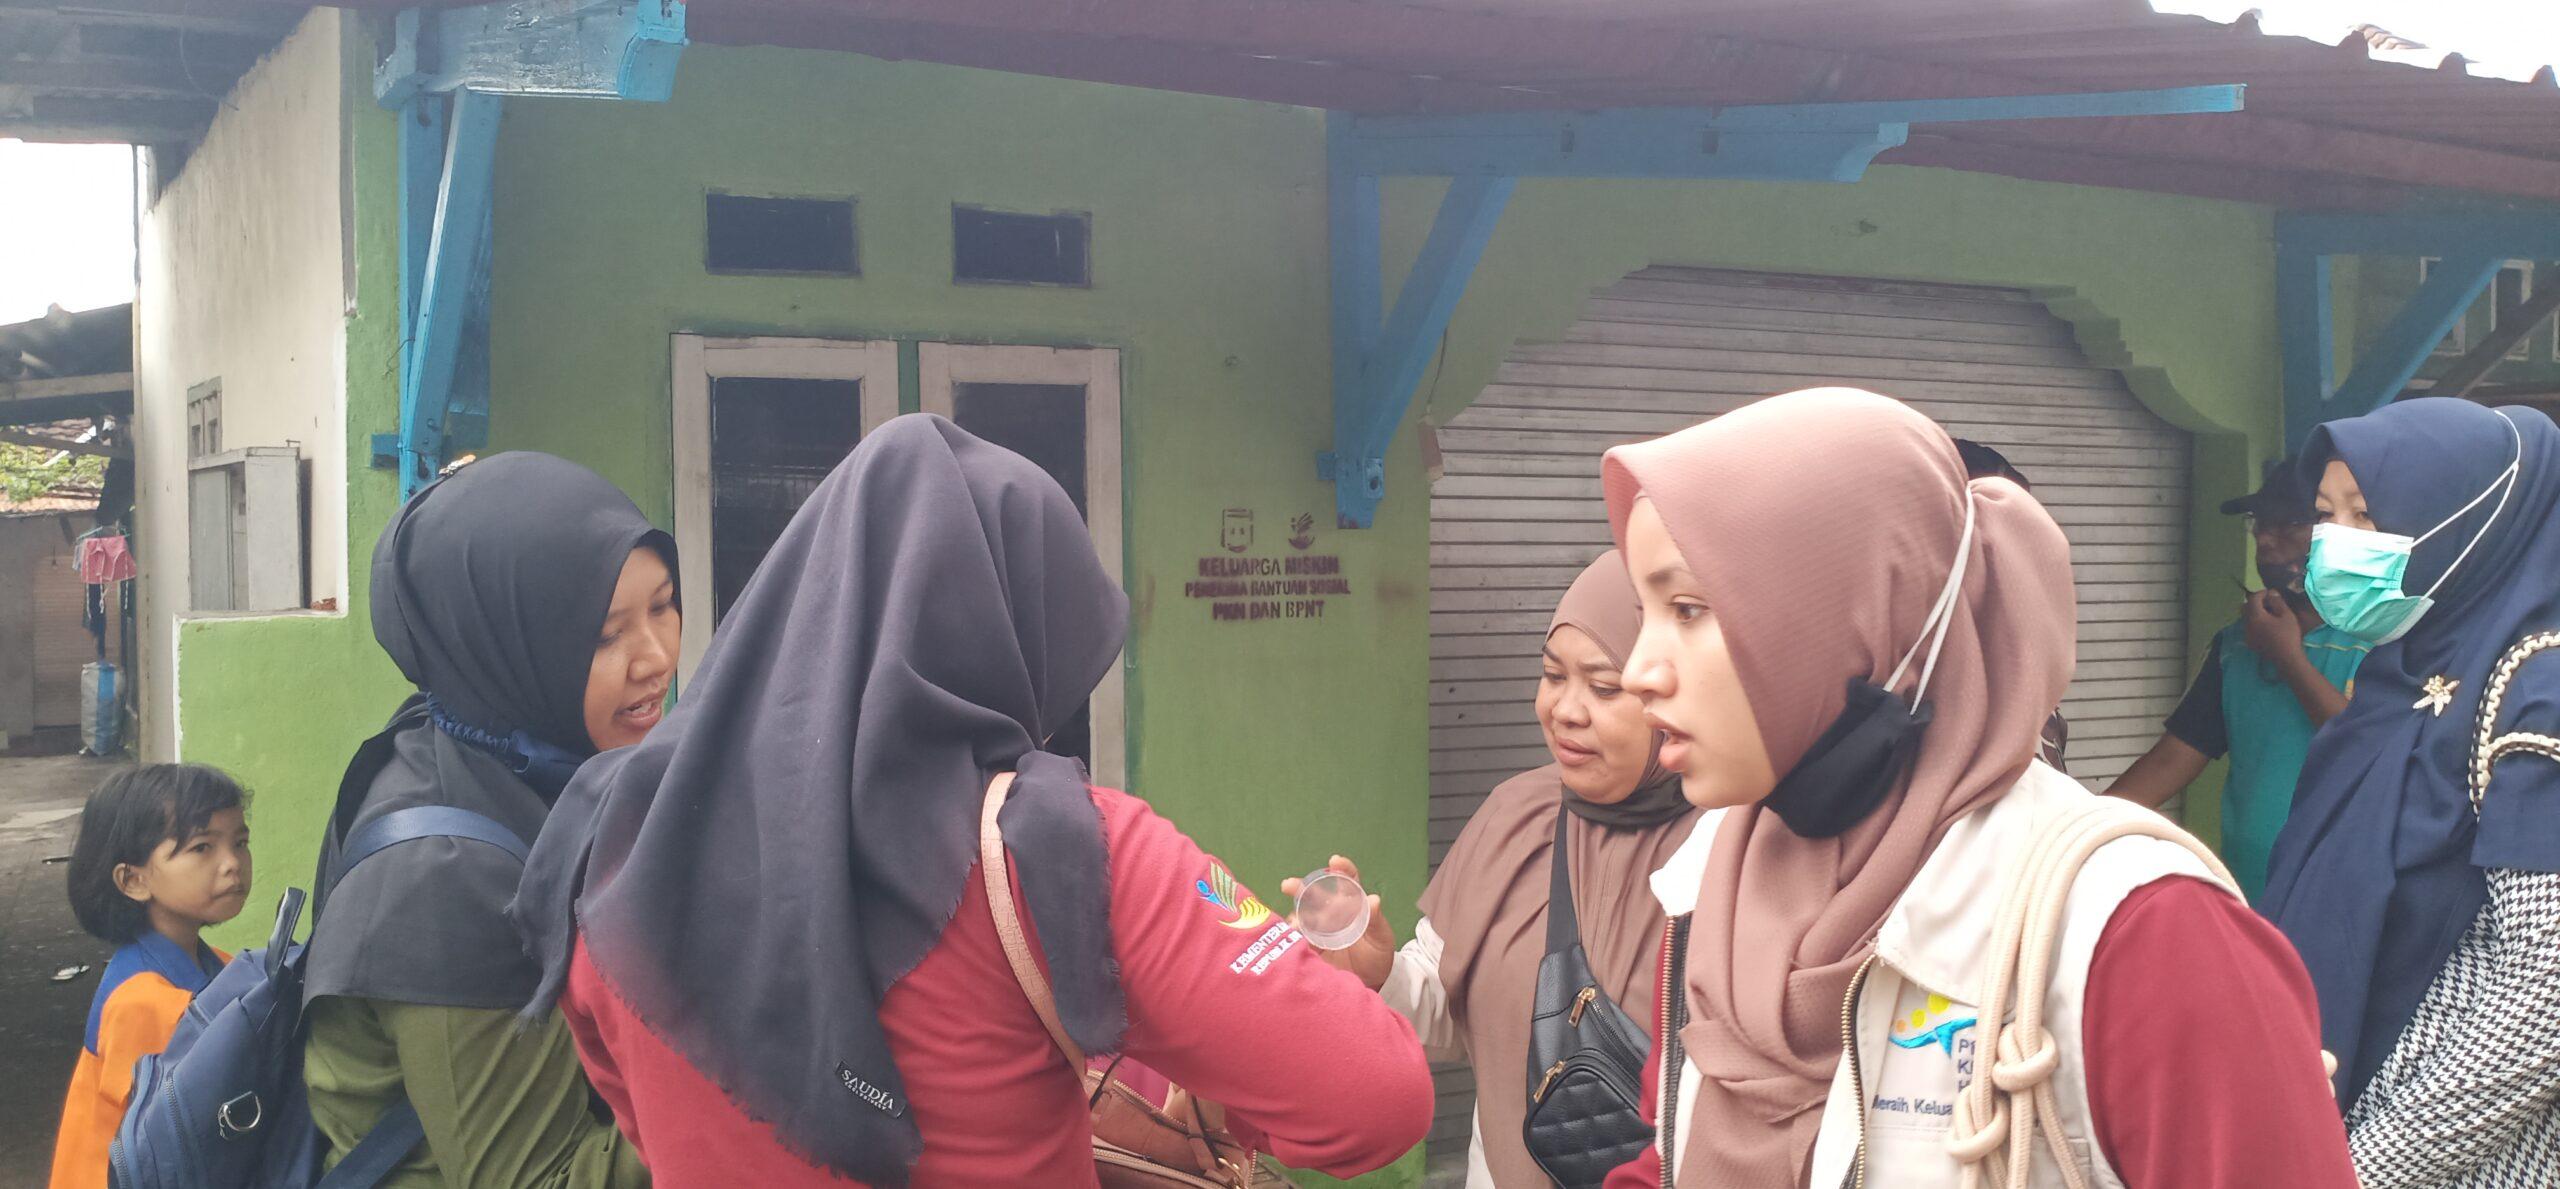 labelisasi pkh di kecamatan selong, labelisasi di kelurahan selong, labelisasi pkh di lombok timur